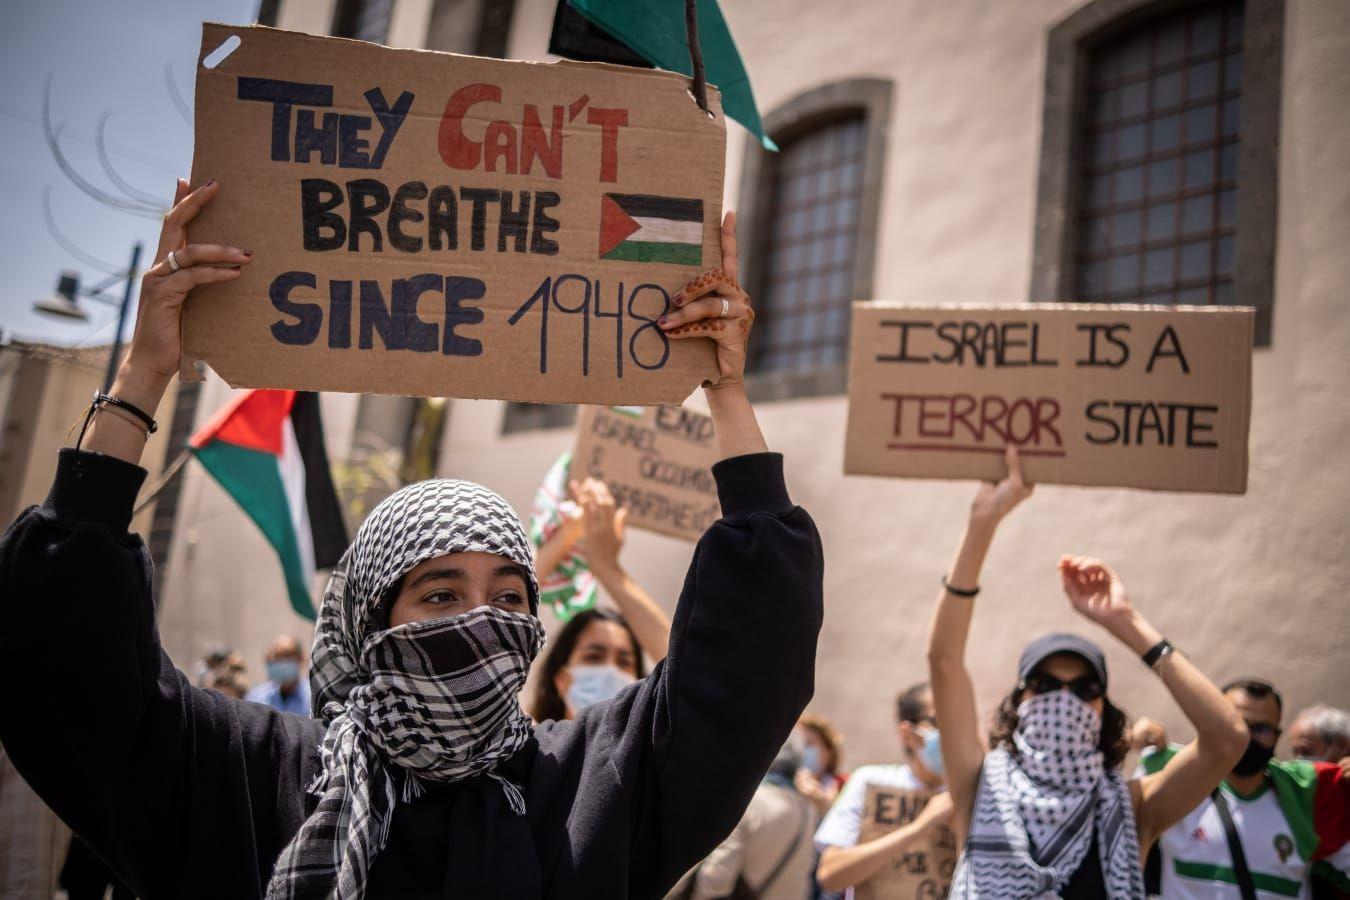 Concentración en Tenerife para pedir el fin de la violencia en Gaza (16/05/21)